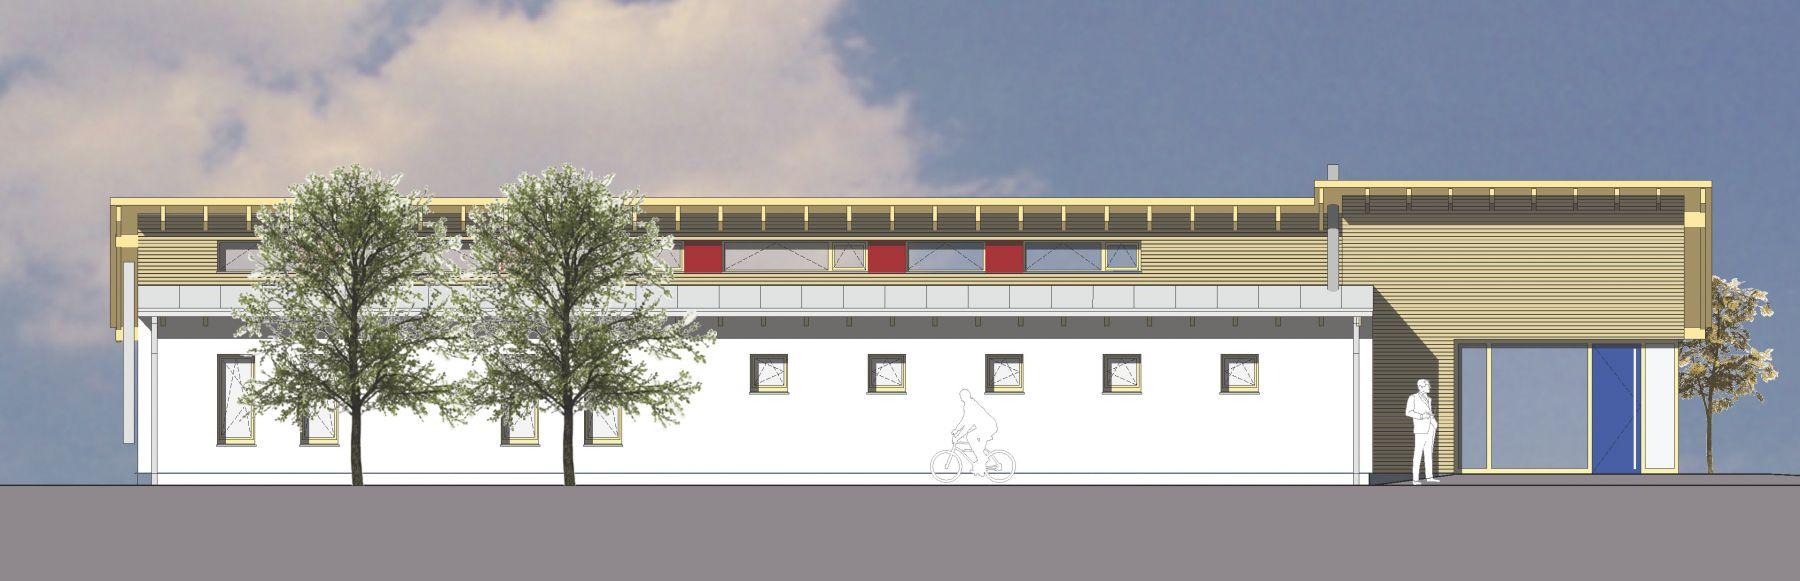 Neubau Alten-Tagespflege in Egestorf